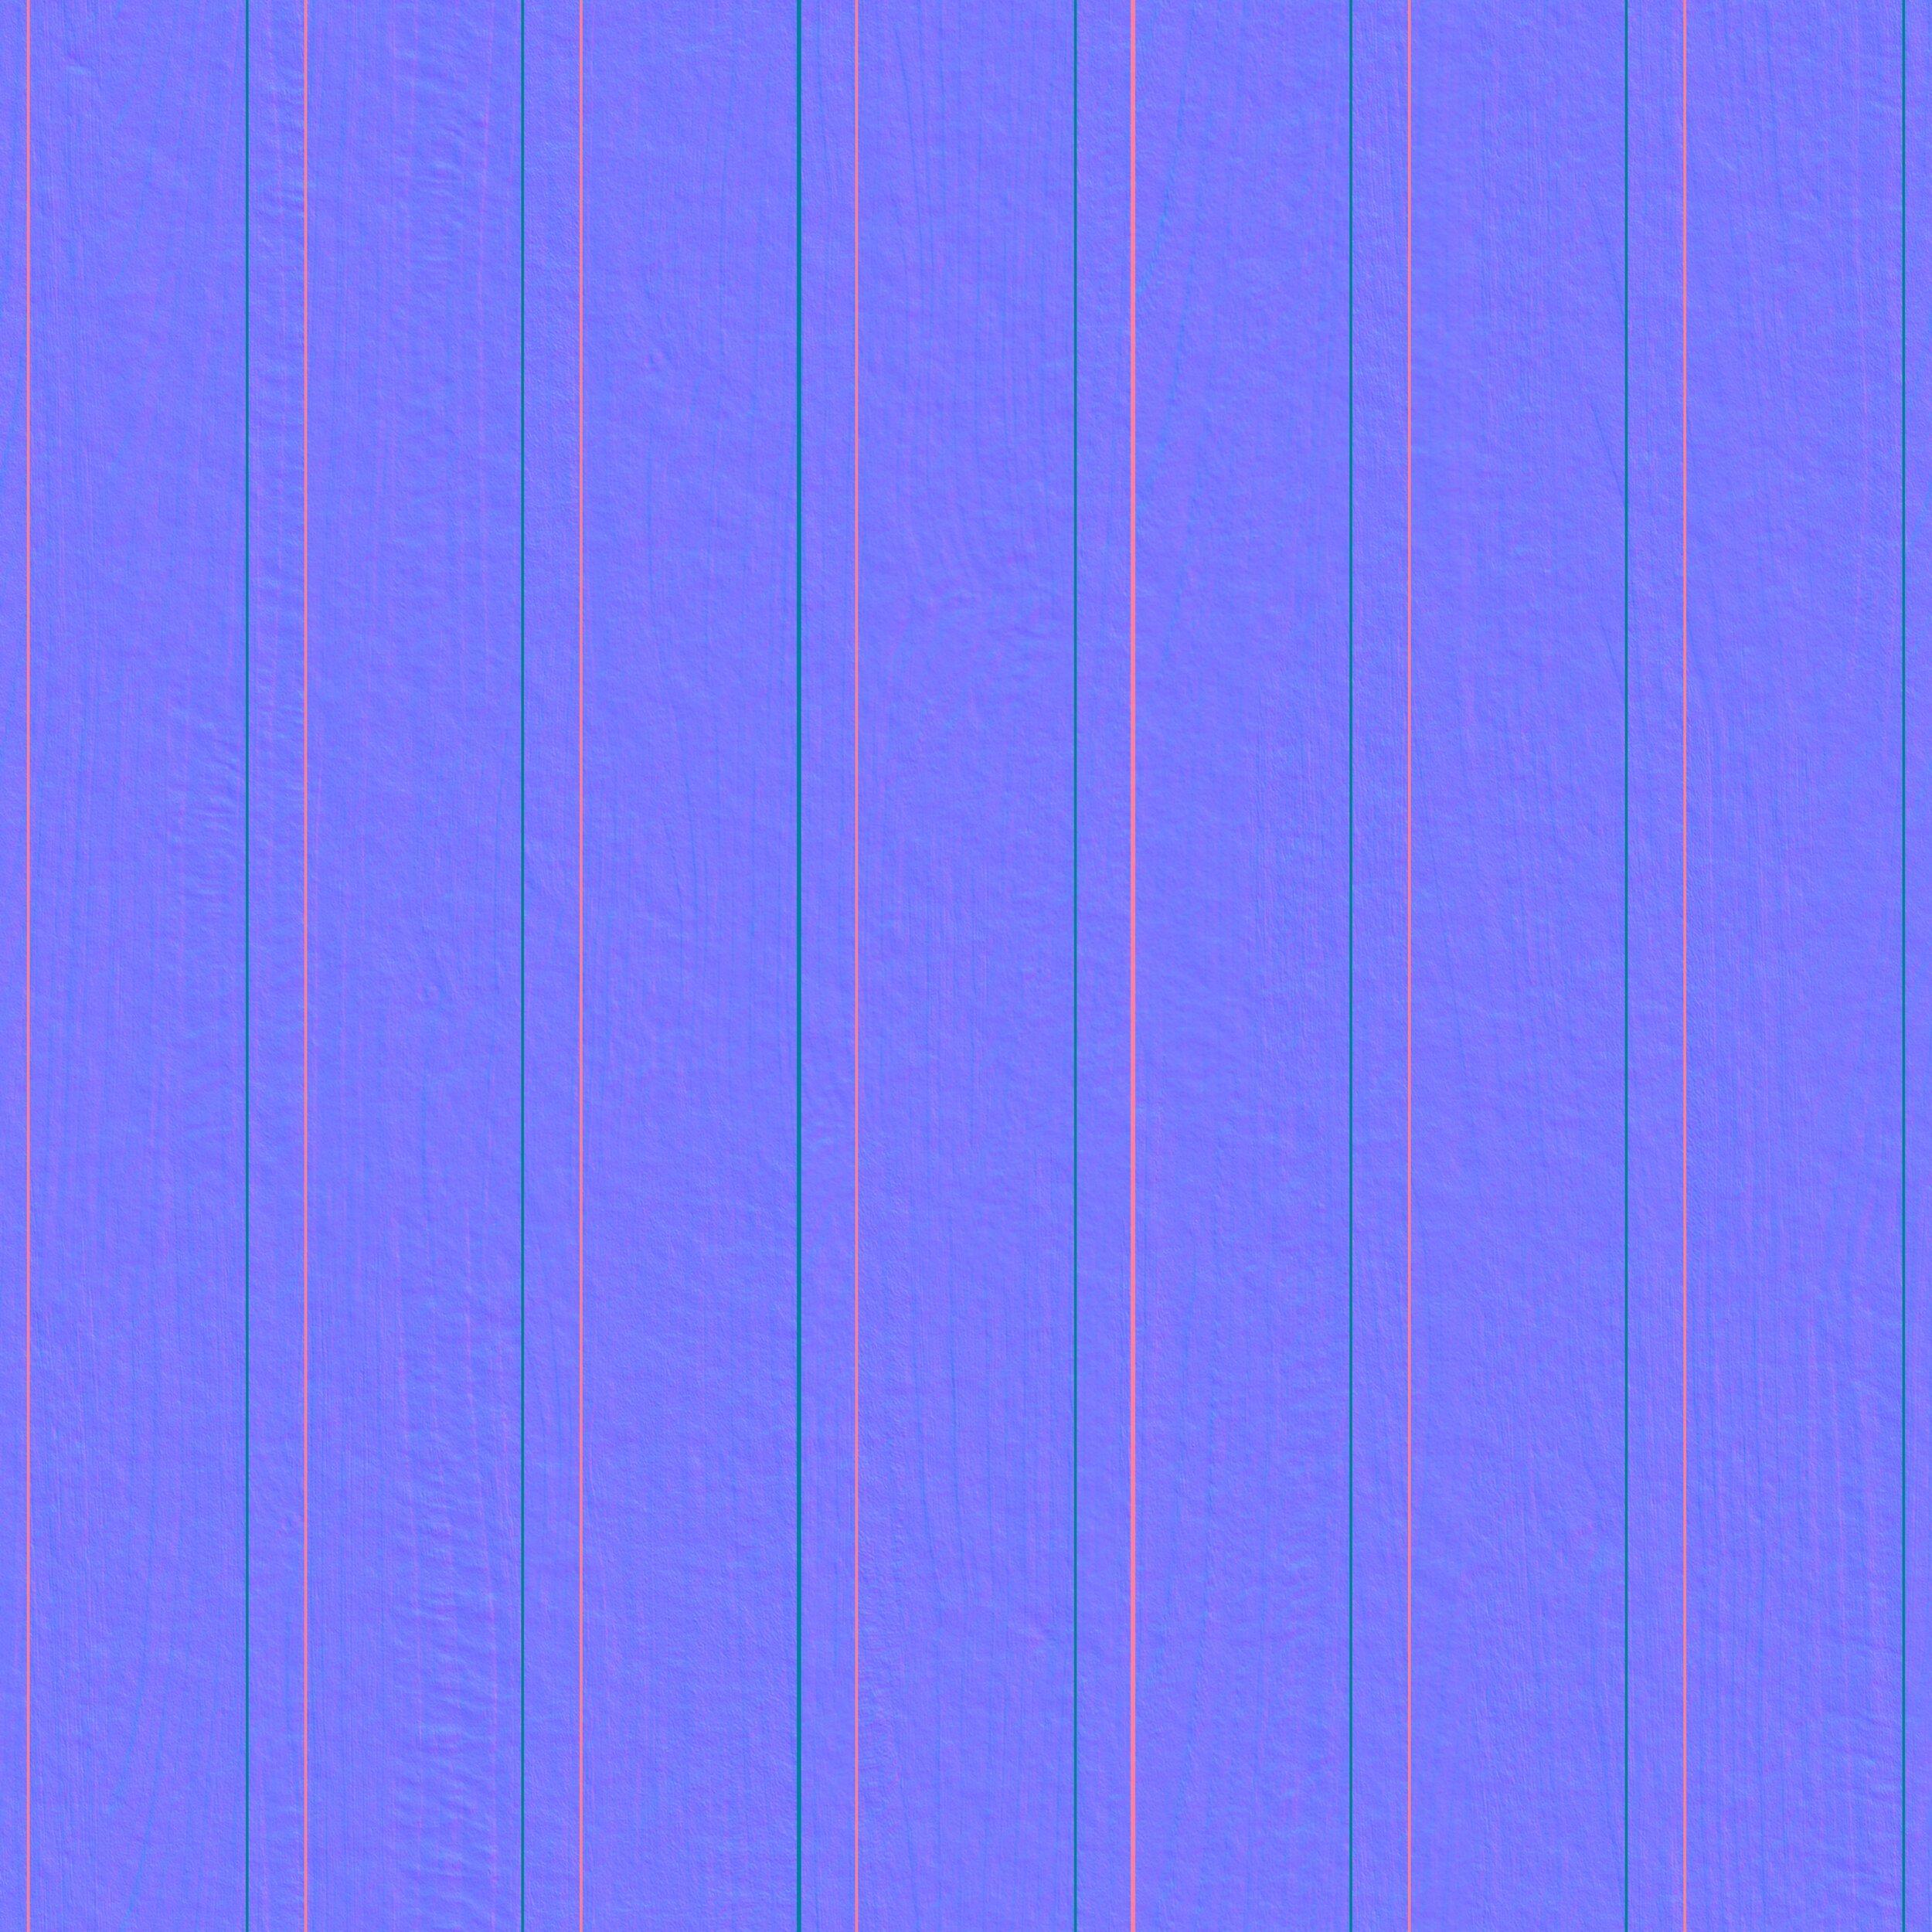 Siding_AI_01B_Blue_NRM.jpg